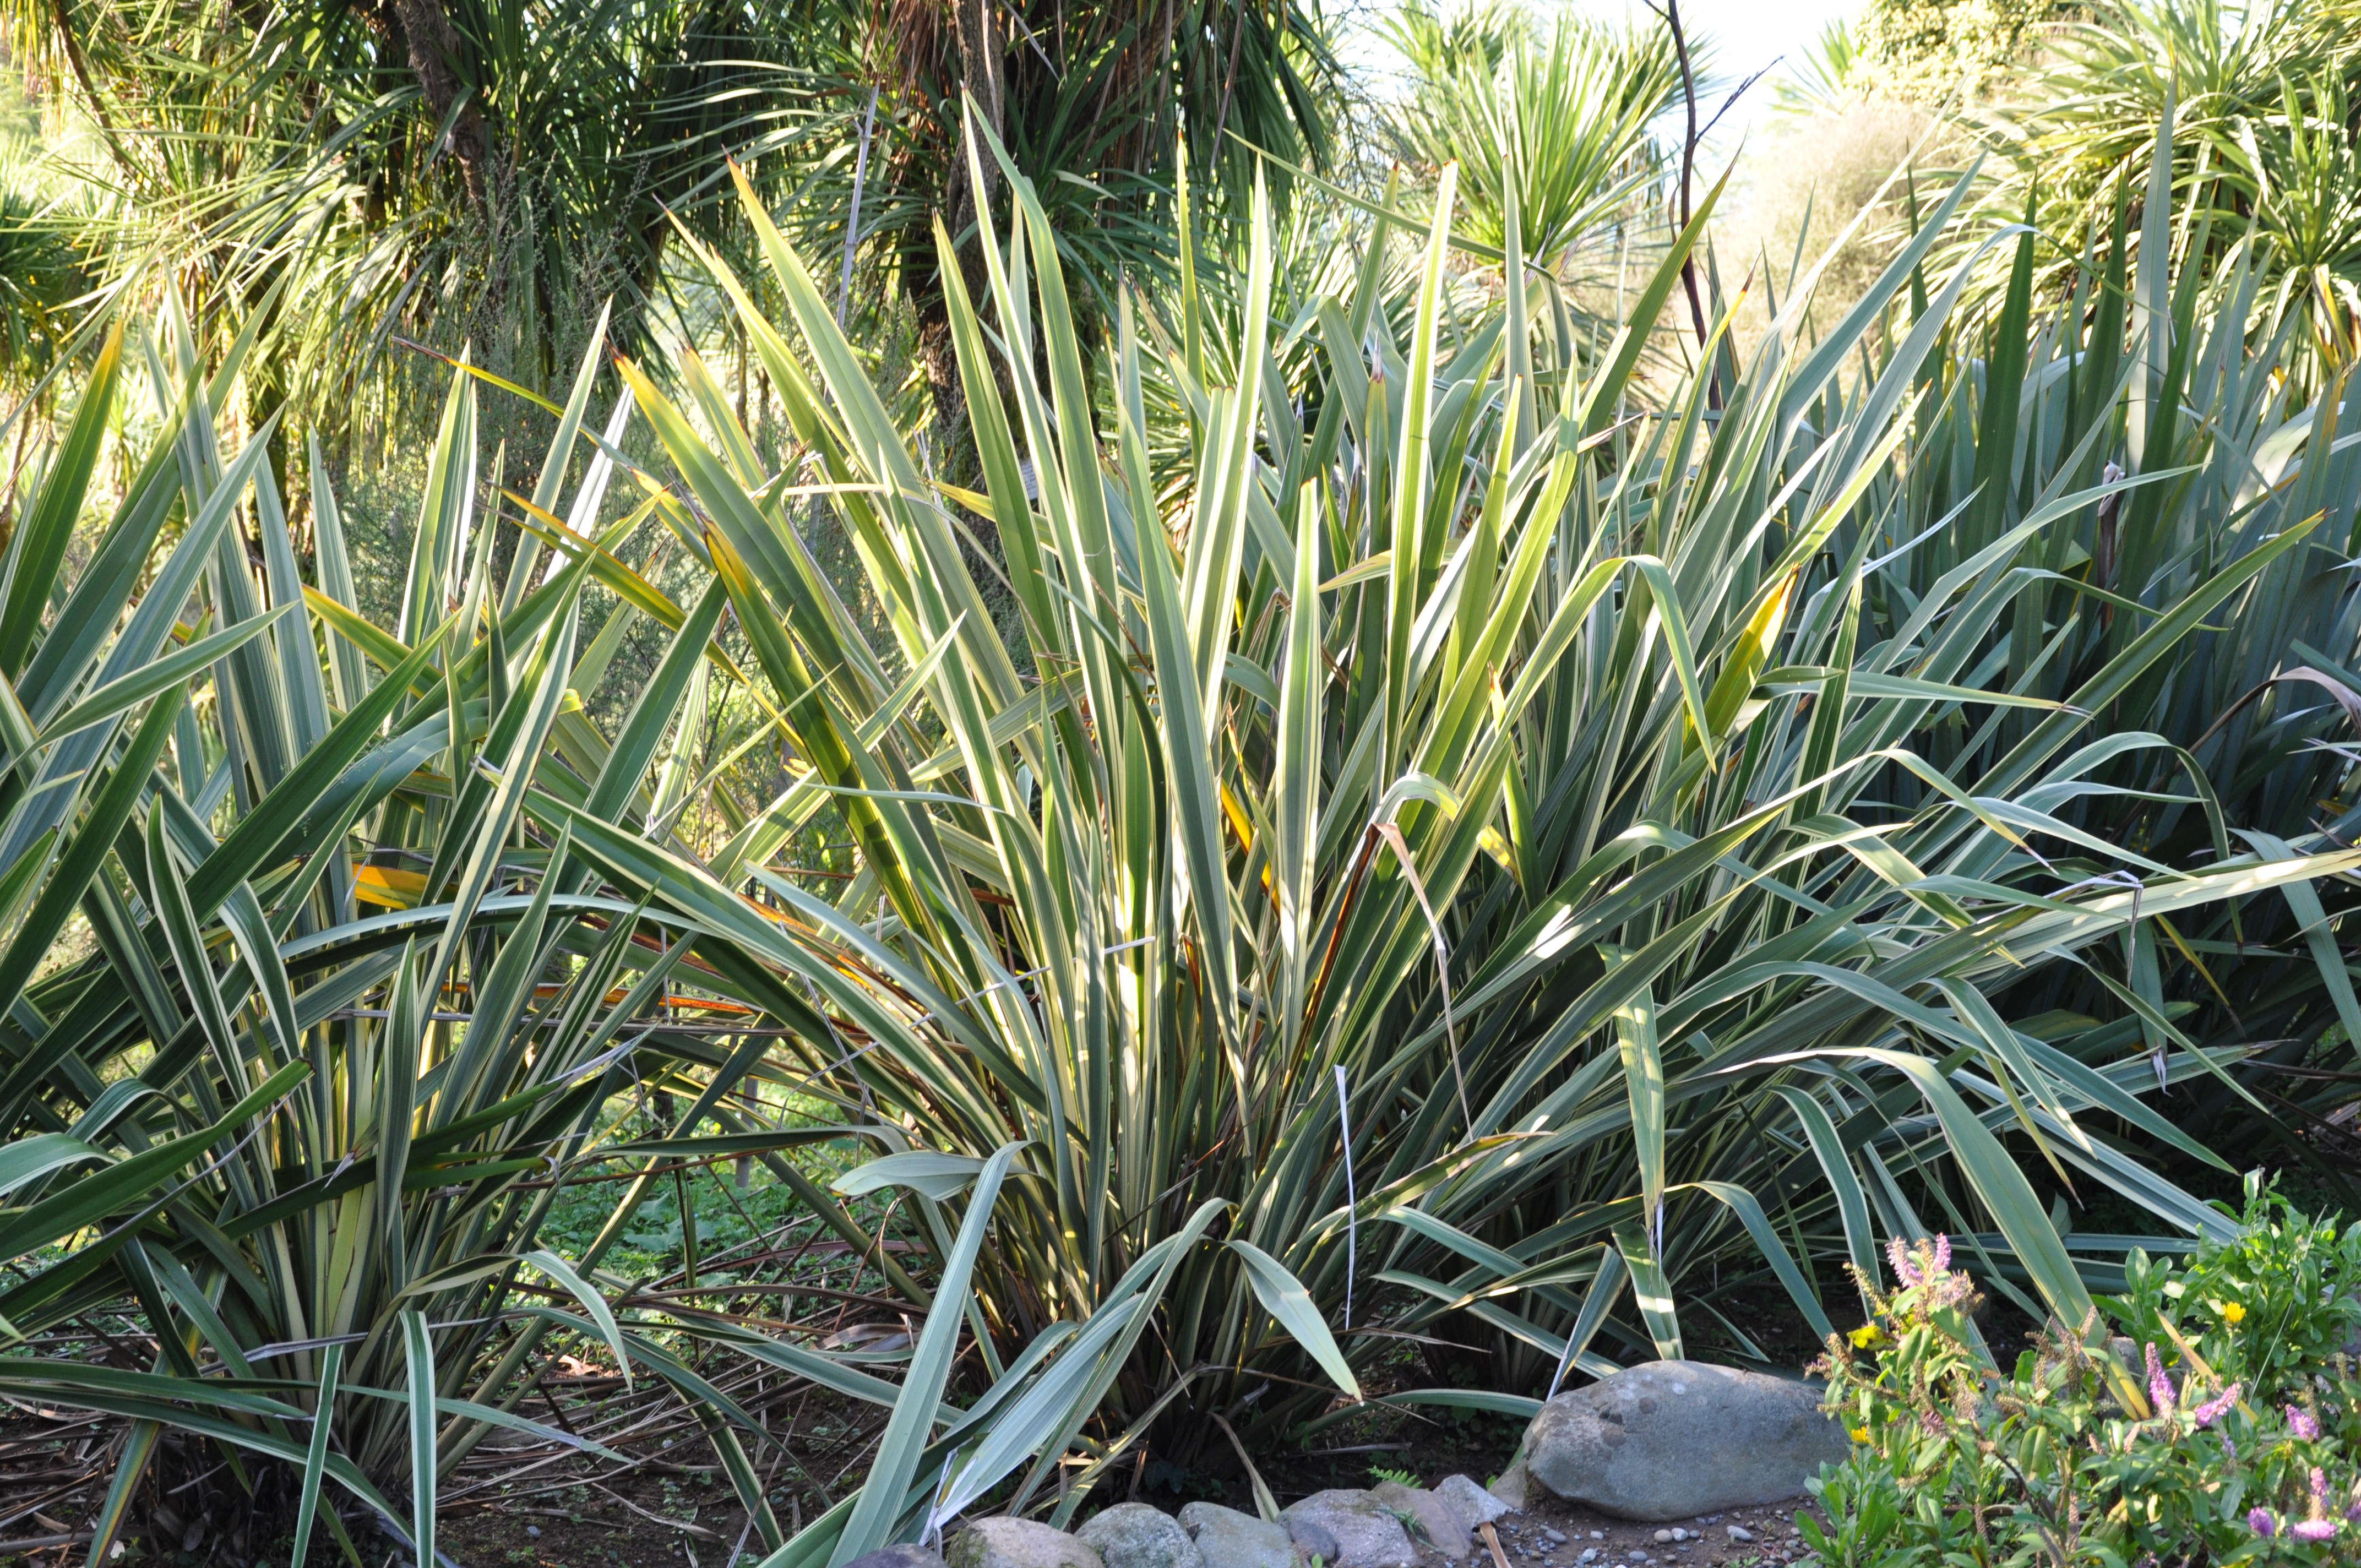 phormium-tenax-new-zealand-flax-lazaregagnidze-wikimedia